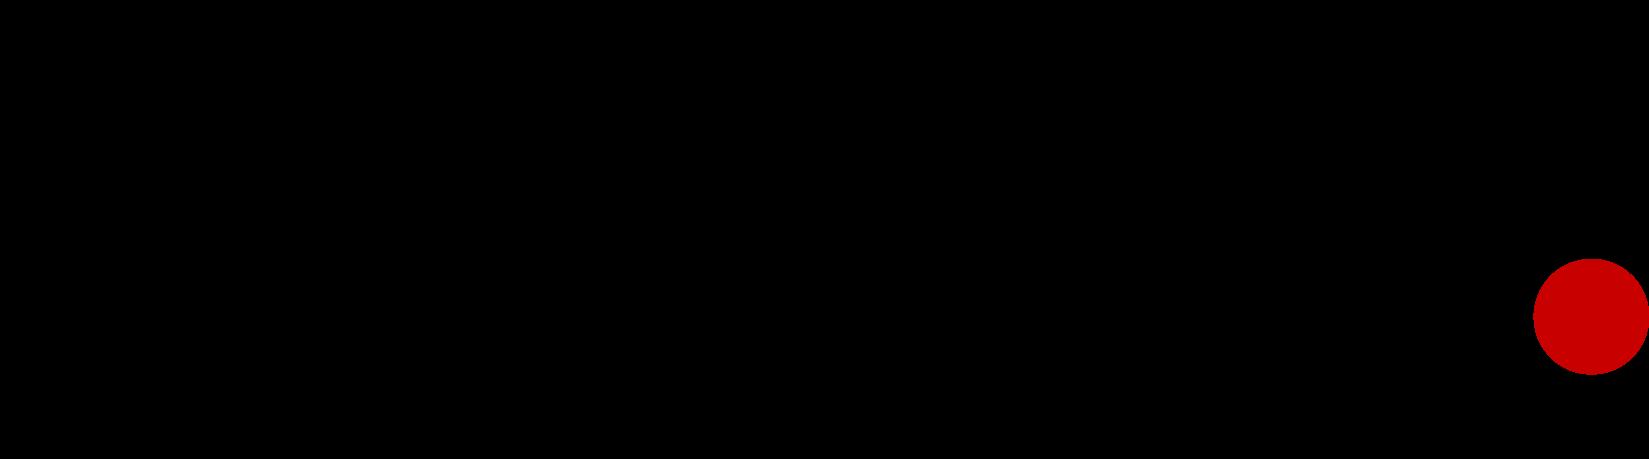 Smyte Logo.png